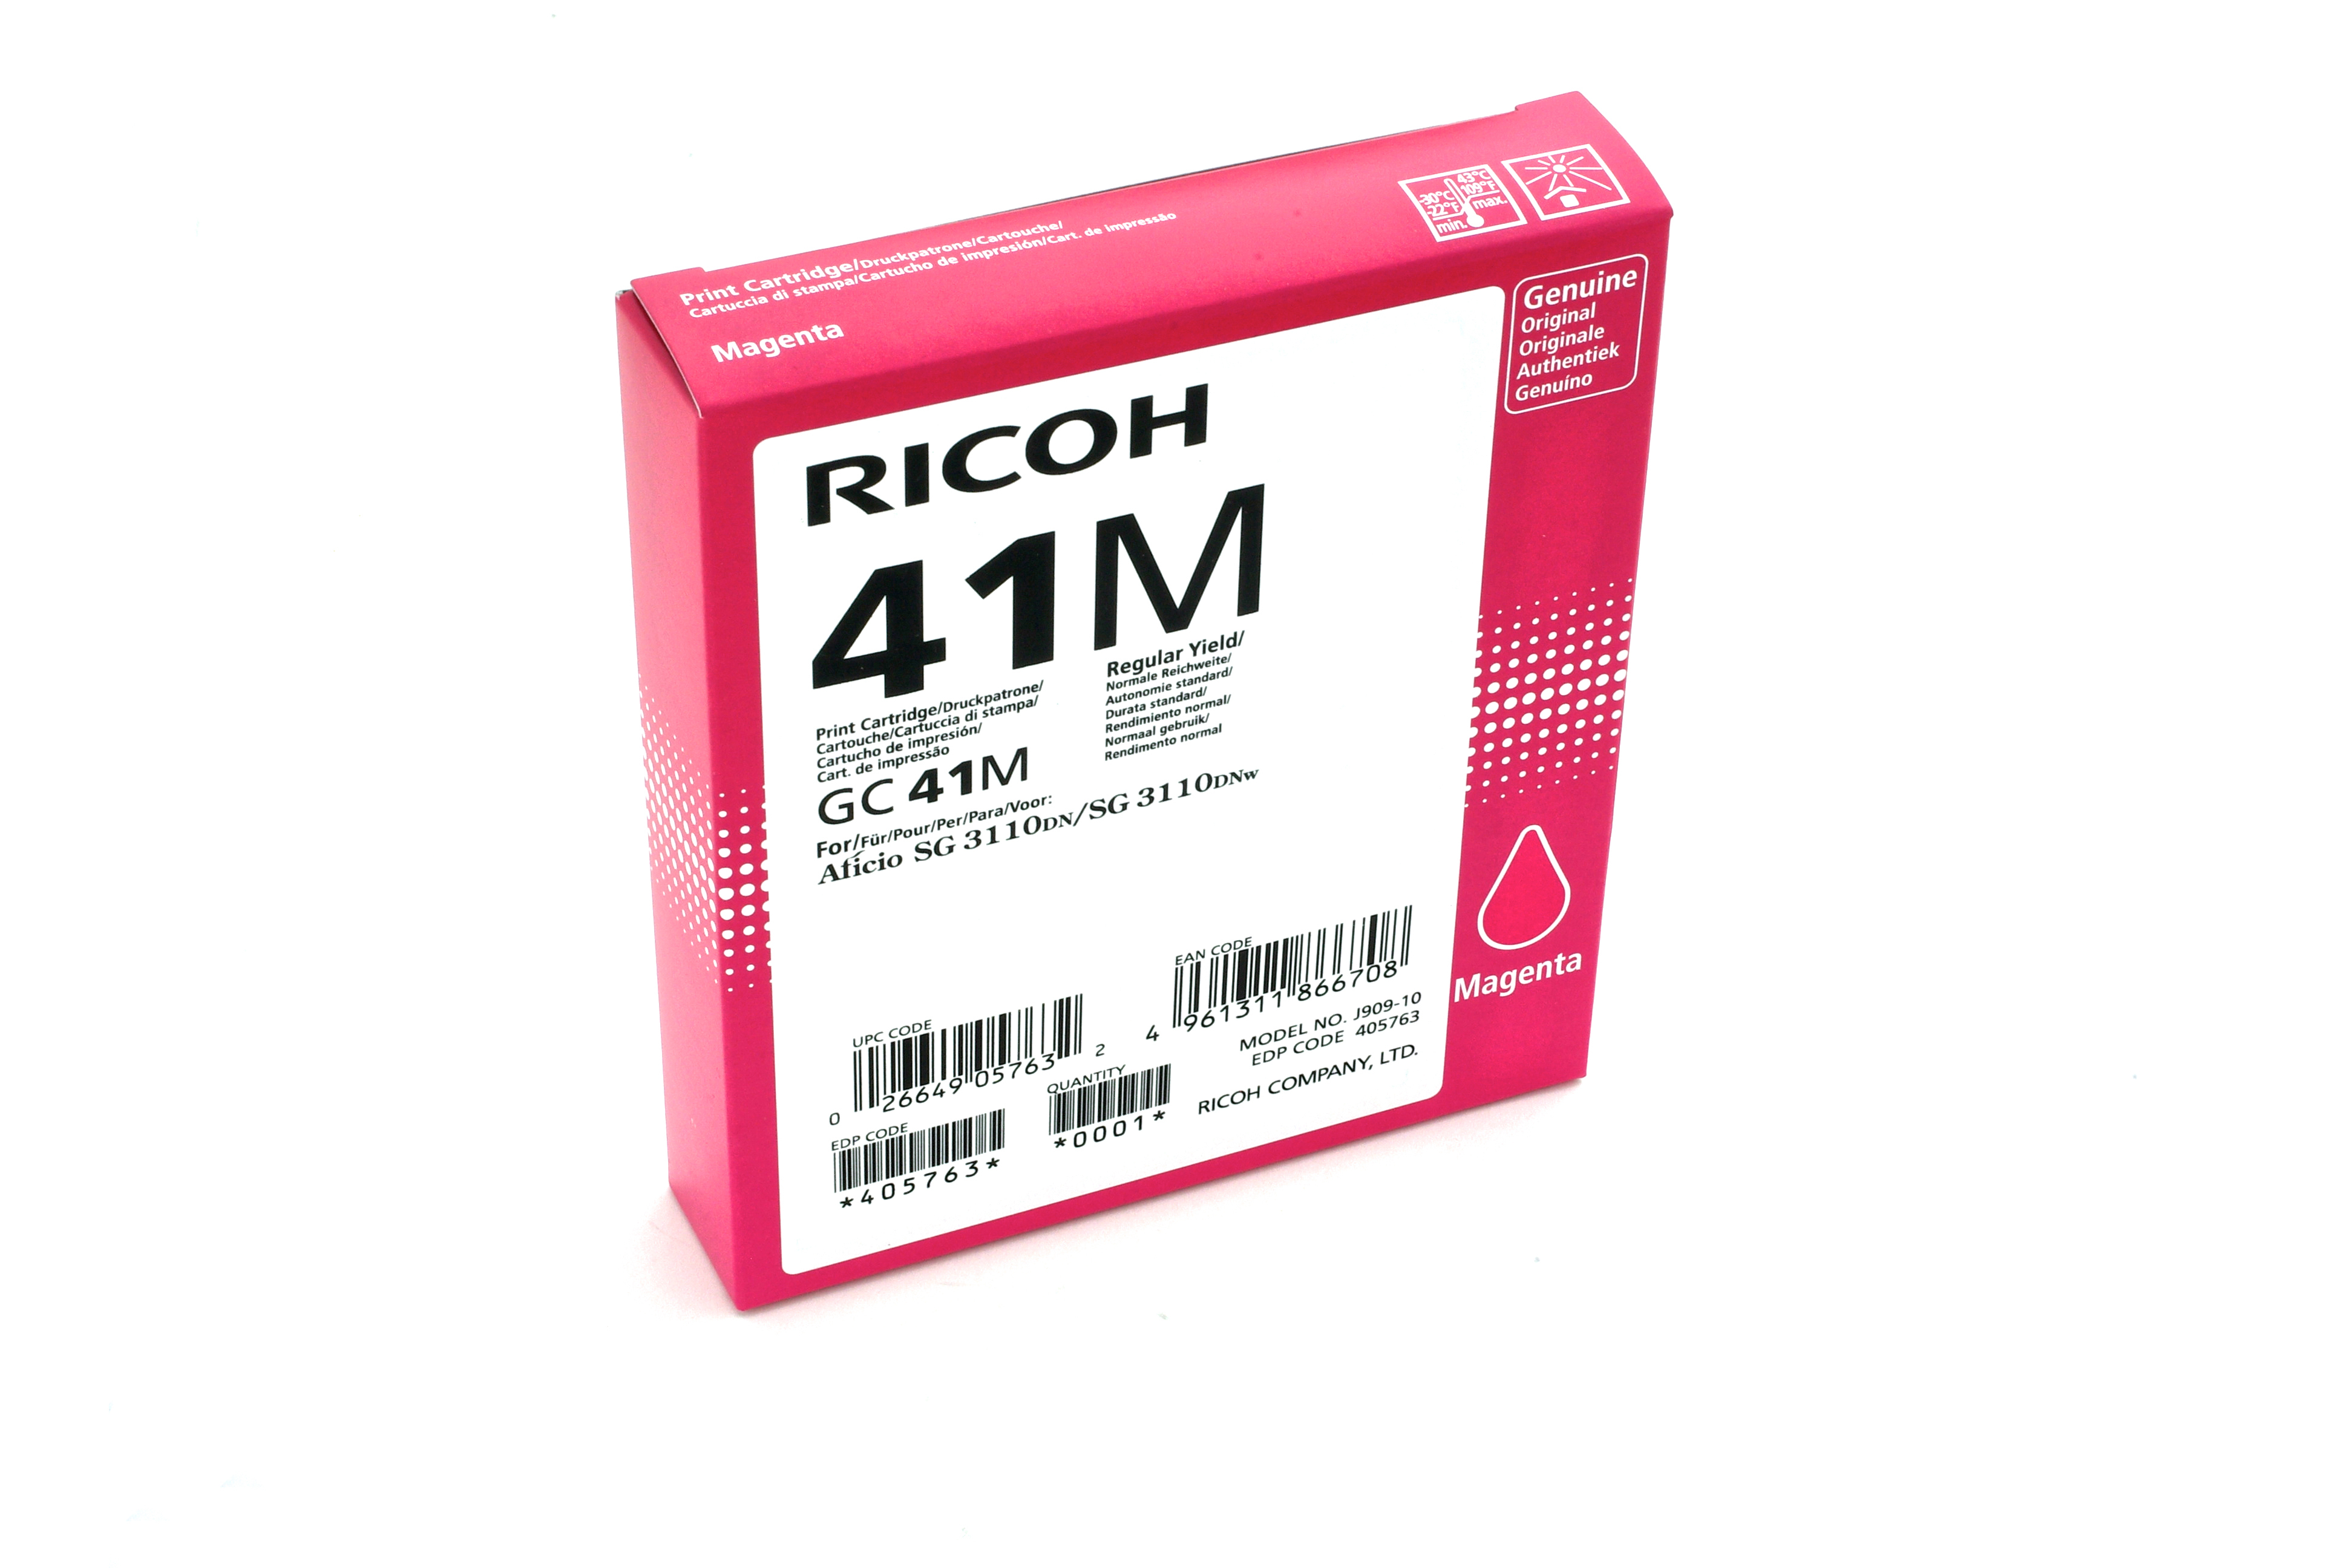 405763 | Original Ricoh ink Cartridge - Magenta